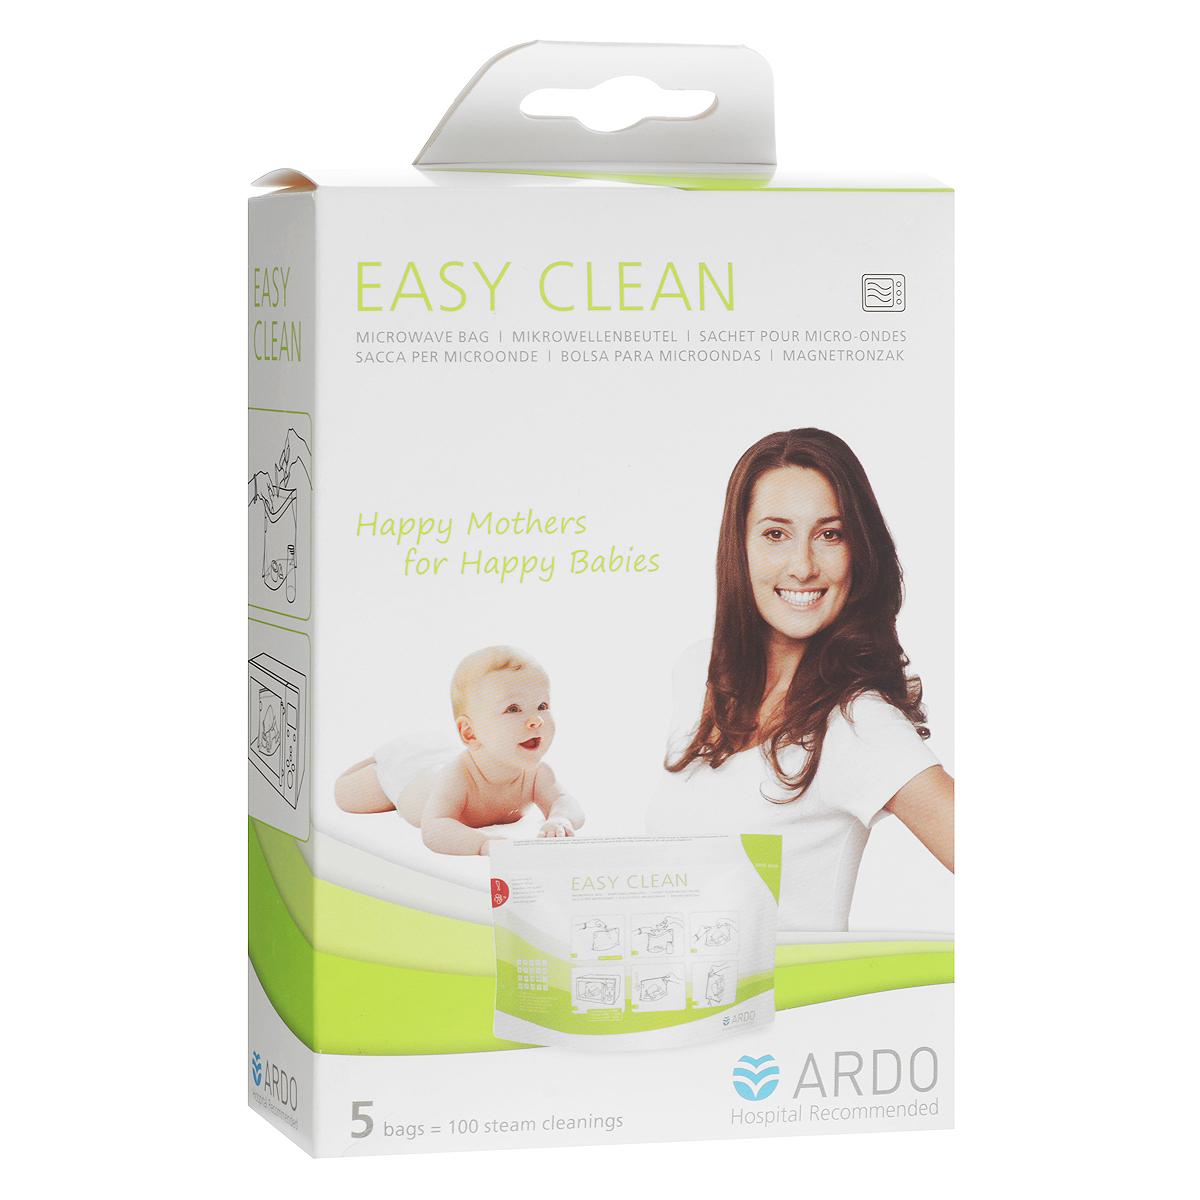 Пакеты для стерилизации и хранения Ardo Medical Easy Clean, 5 шт63.00.186Пакеты Easy Clean от компании Ardo эффективно убивают бактерии и микробы на 99,9%. Достаточно всего пары минут для полной стерилизации - экономия времени и электроэнергии. Пакеты имеют пароотводный клапан, который защитит вас от паровых ожогов при открытии пакета Компактные, простые и безопасные в использовании. Храните стерилизованный комплект в закрытом пакете до времени использования. Пакет откройте только перед использованием. В упаковке 5 пакетов (1 упаковки хватает на 100 применений).